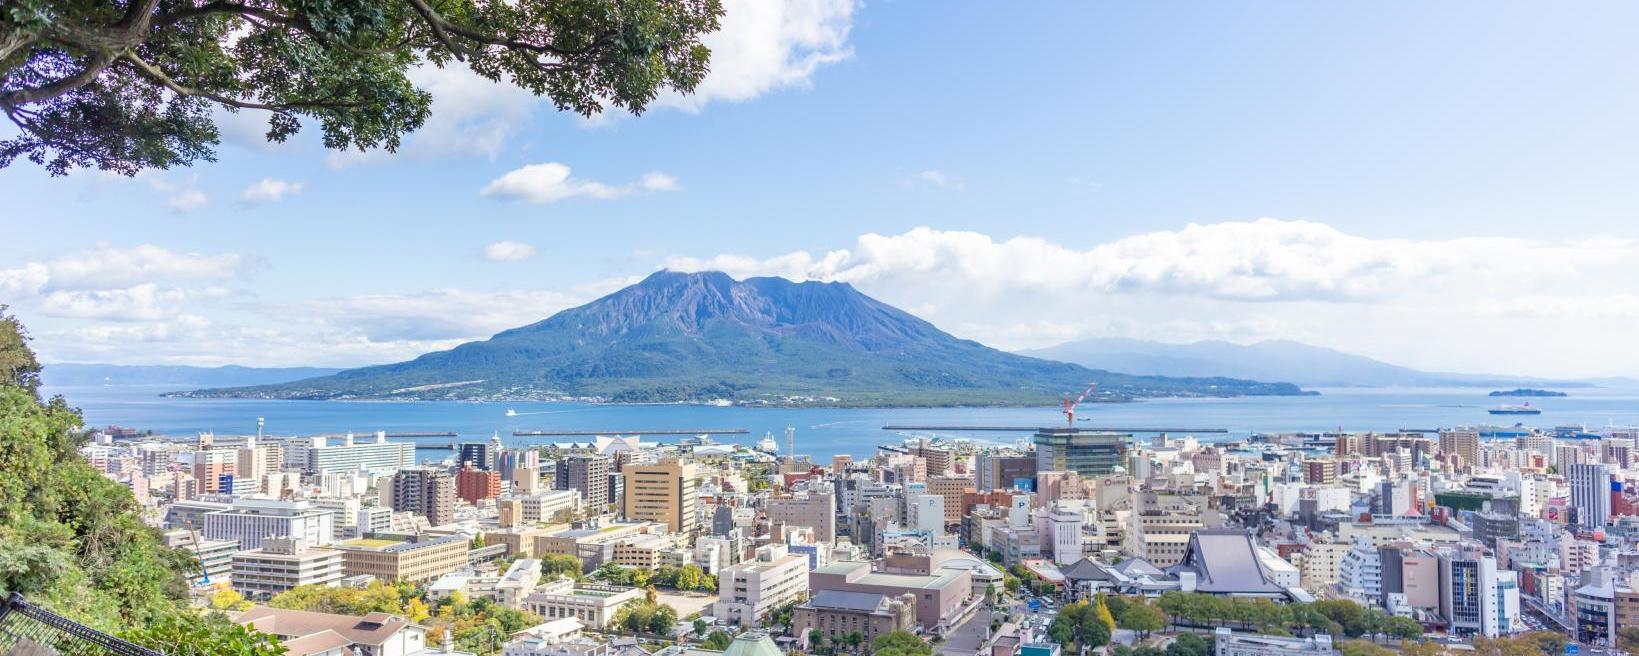 鹿児島のシンボル「桜島」の観光情報、完全攻略マニュアル! -1